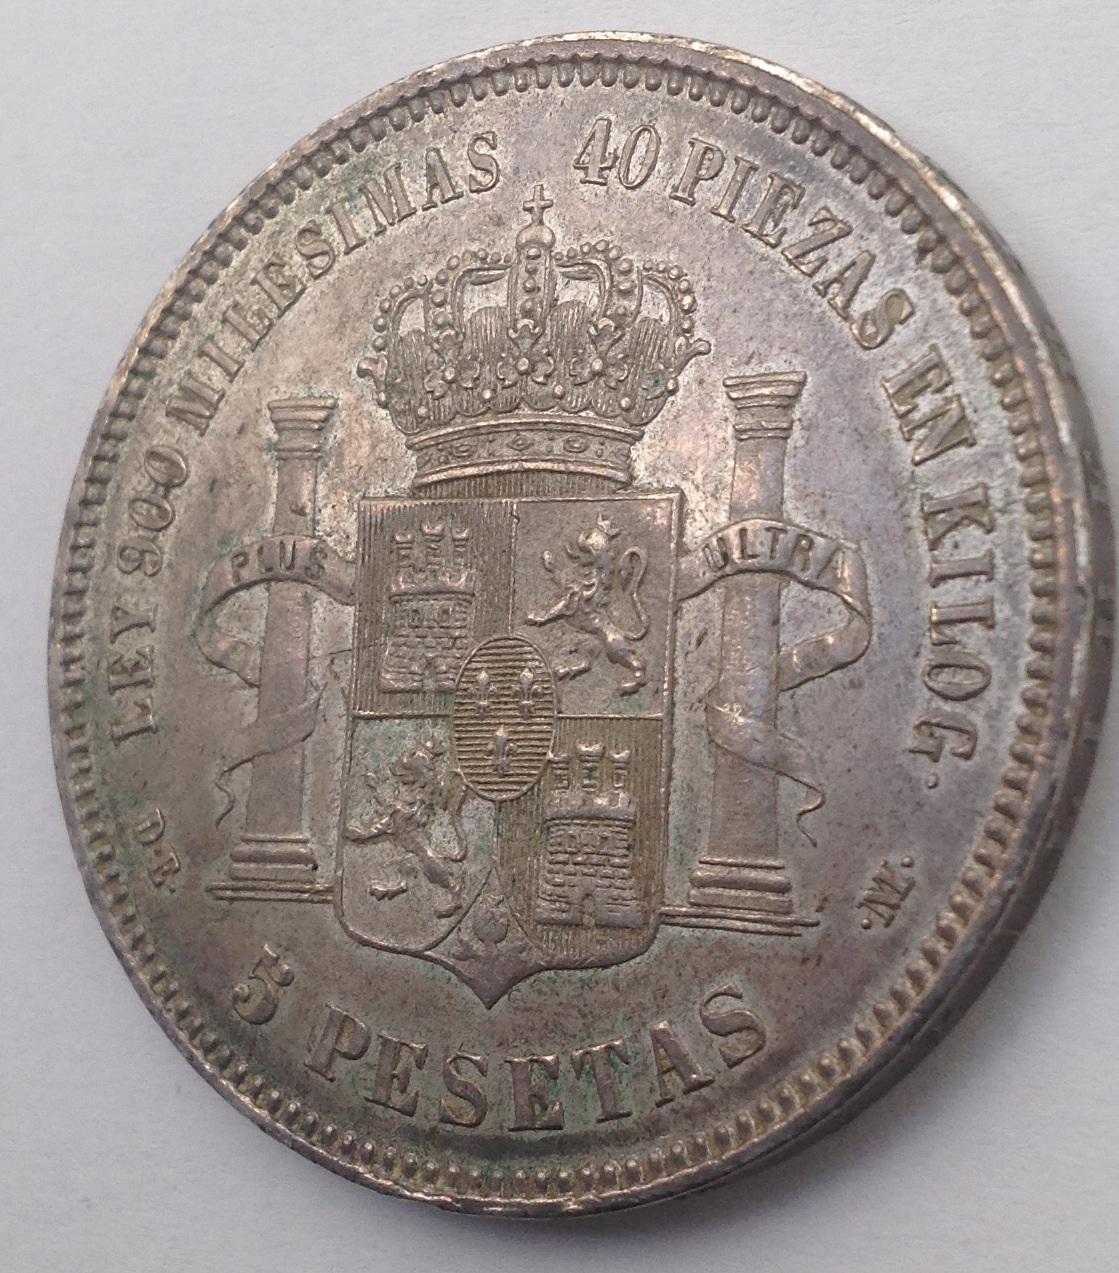 5 Pesetas 1875. Alfonso XII. Dedicada a Estrella76, Diafebus y anmem. Image